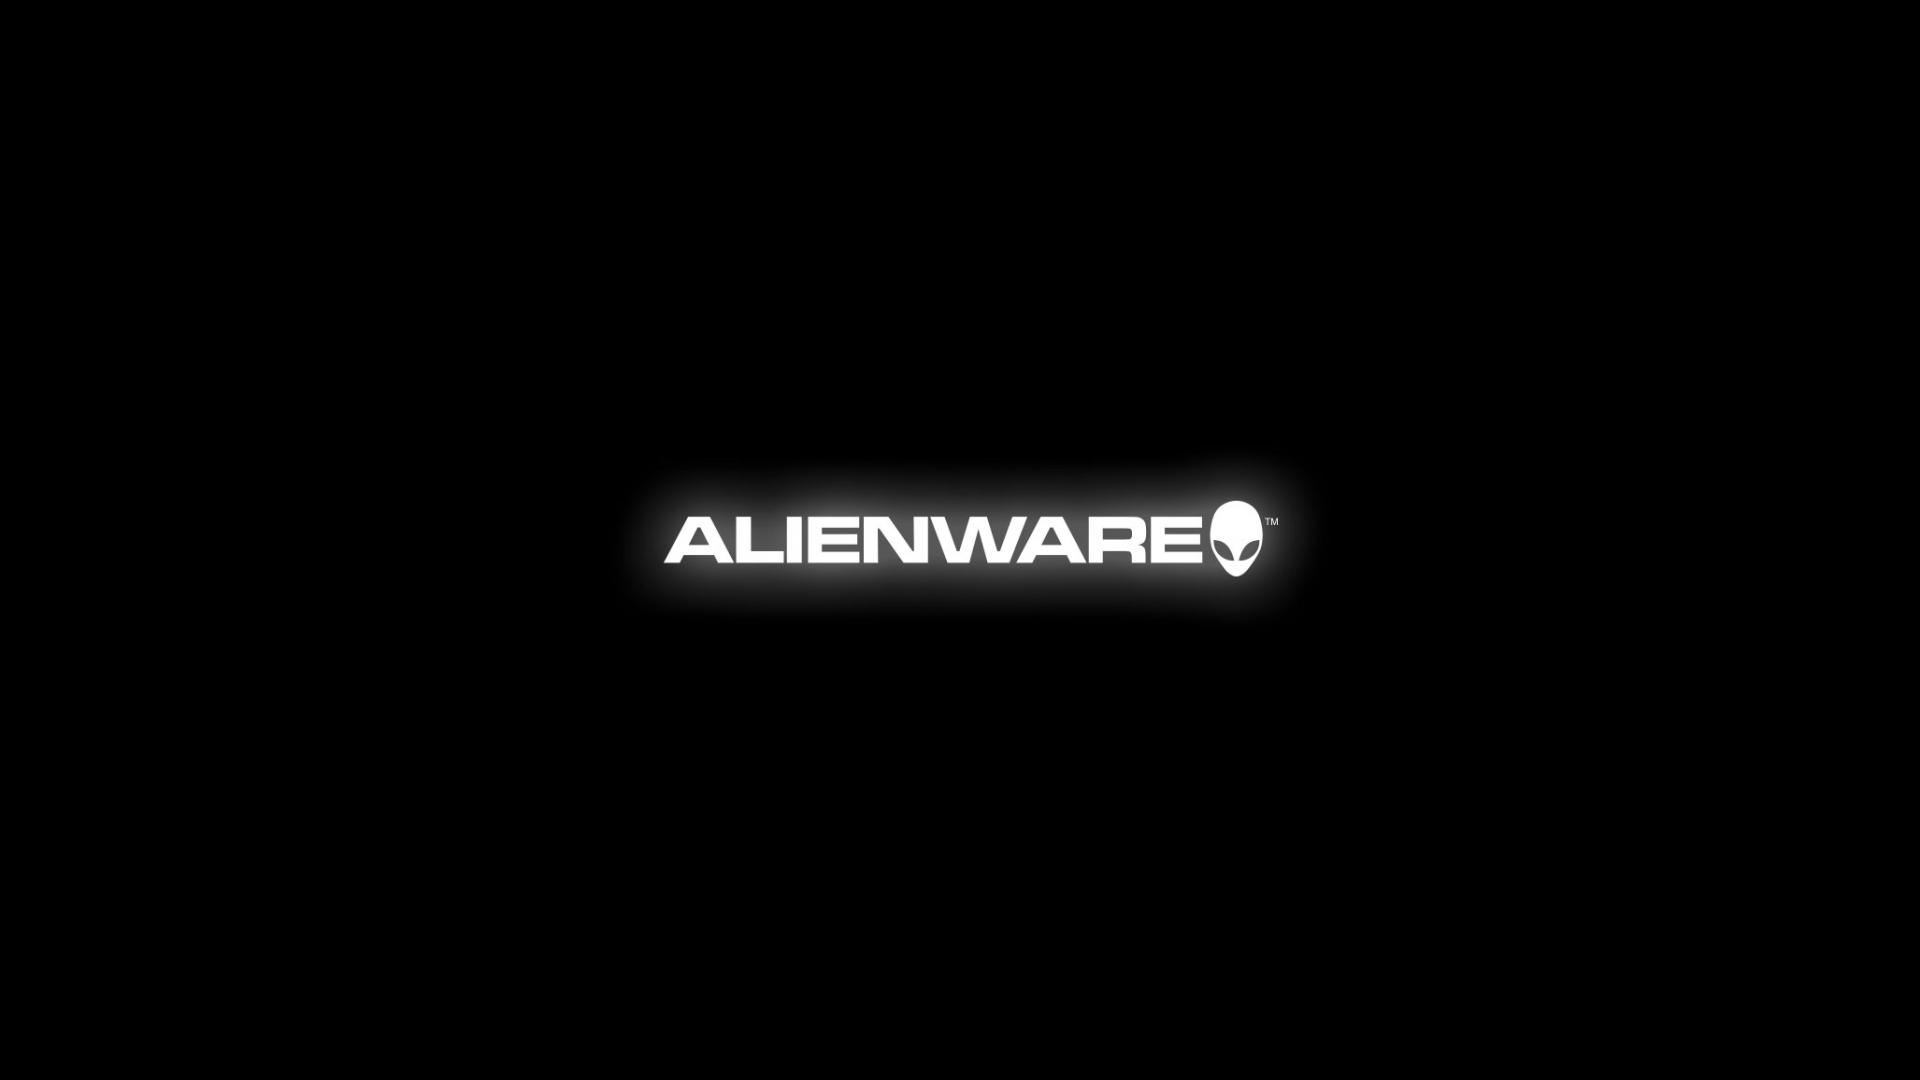 Alienware wallpapers Alienware Arena